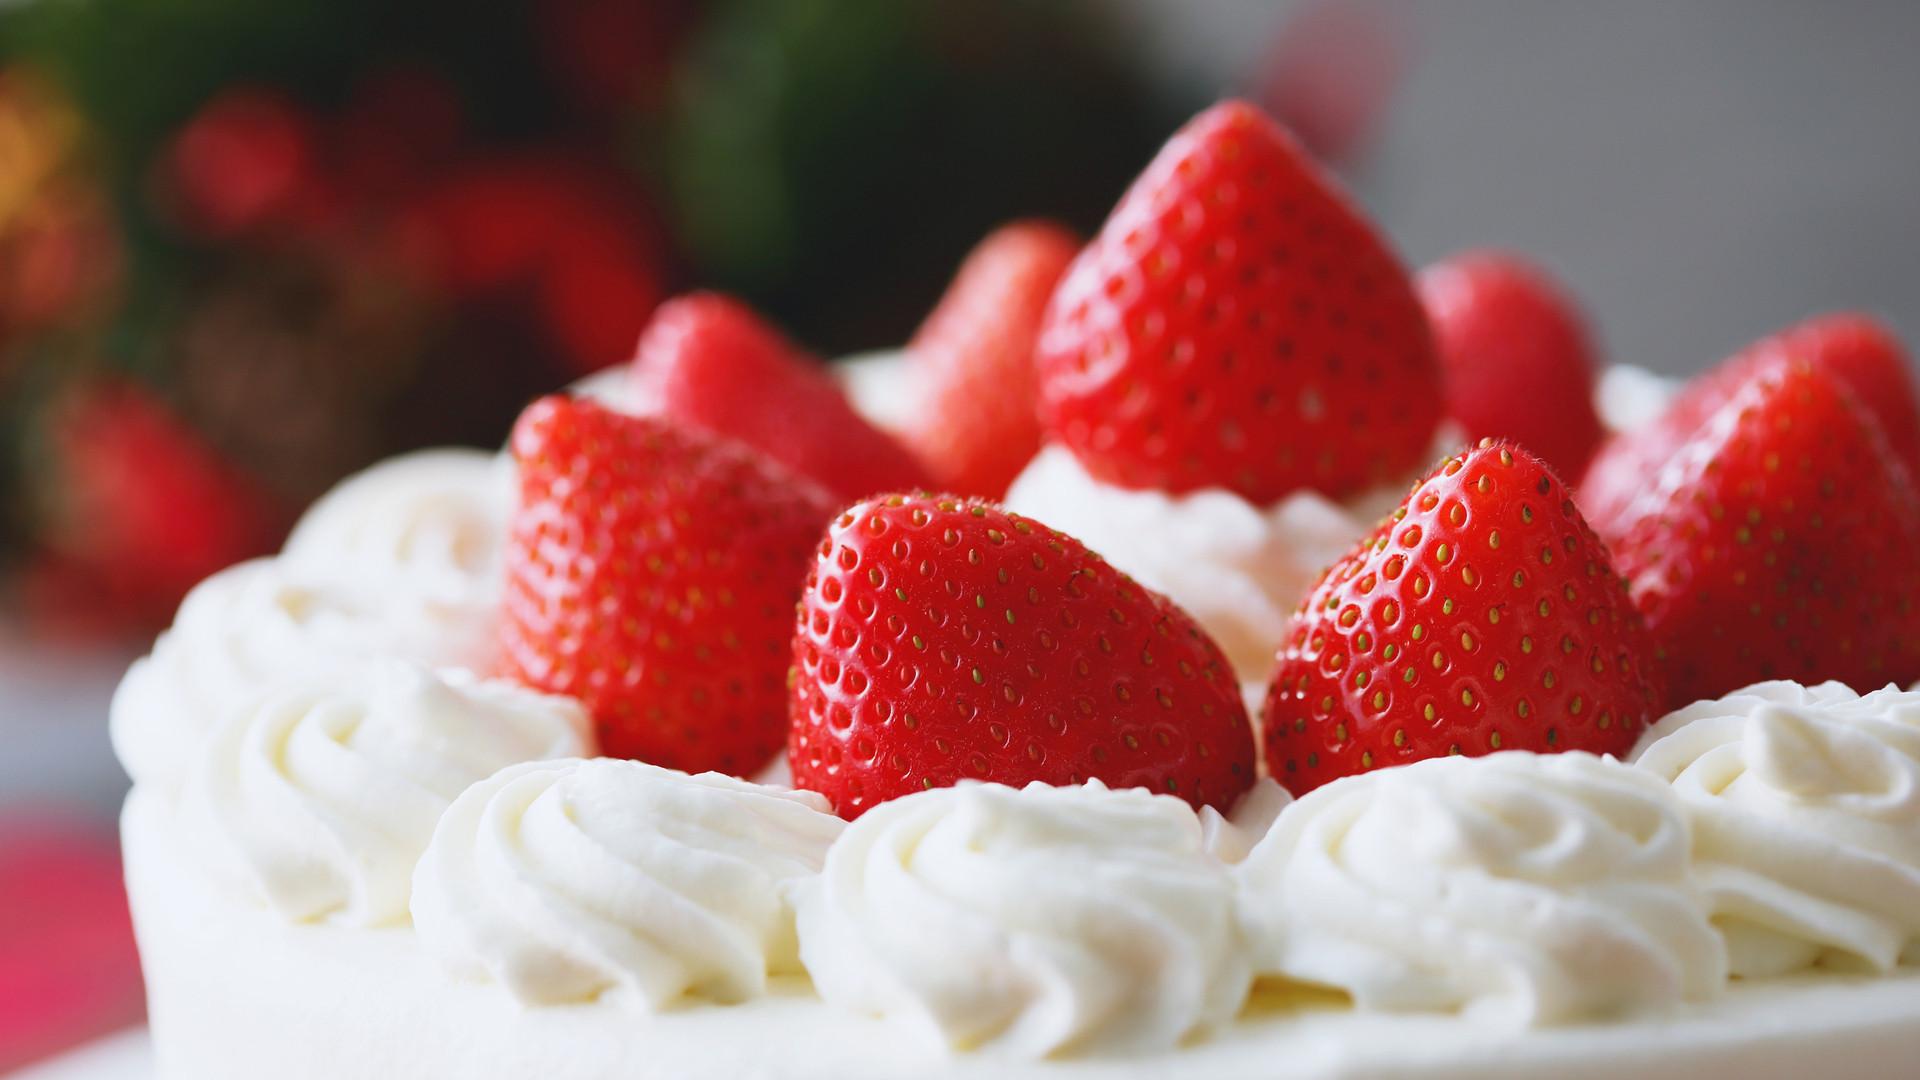 クリスマスケーキ 大量廃棄の実態 一日500kgがブタのエサに 家庭ゴミにはホールの半分が捨てられ(井出留美) - 個人 - Yahoo!ニュース